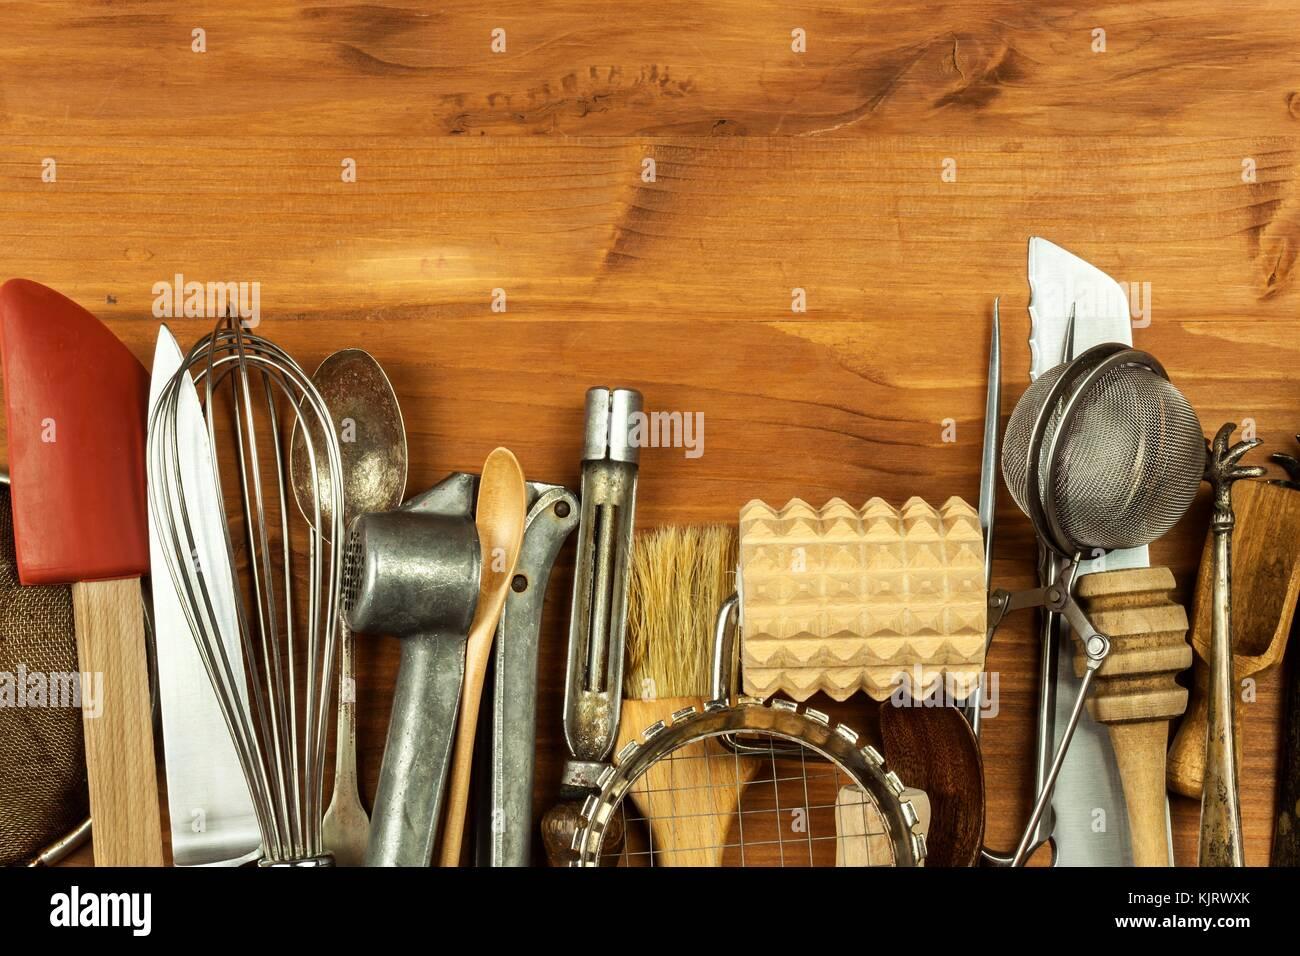 Vecchi utensili da cucina su una tavola di legno. Vendita di ...